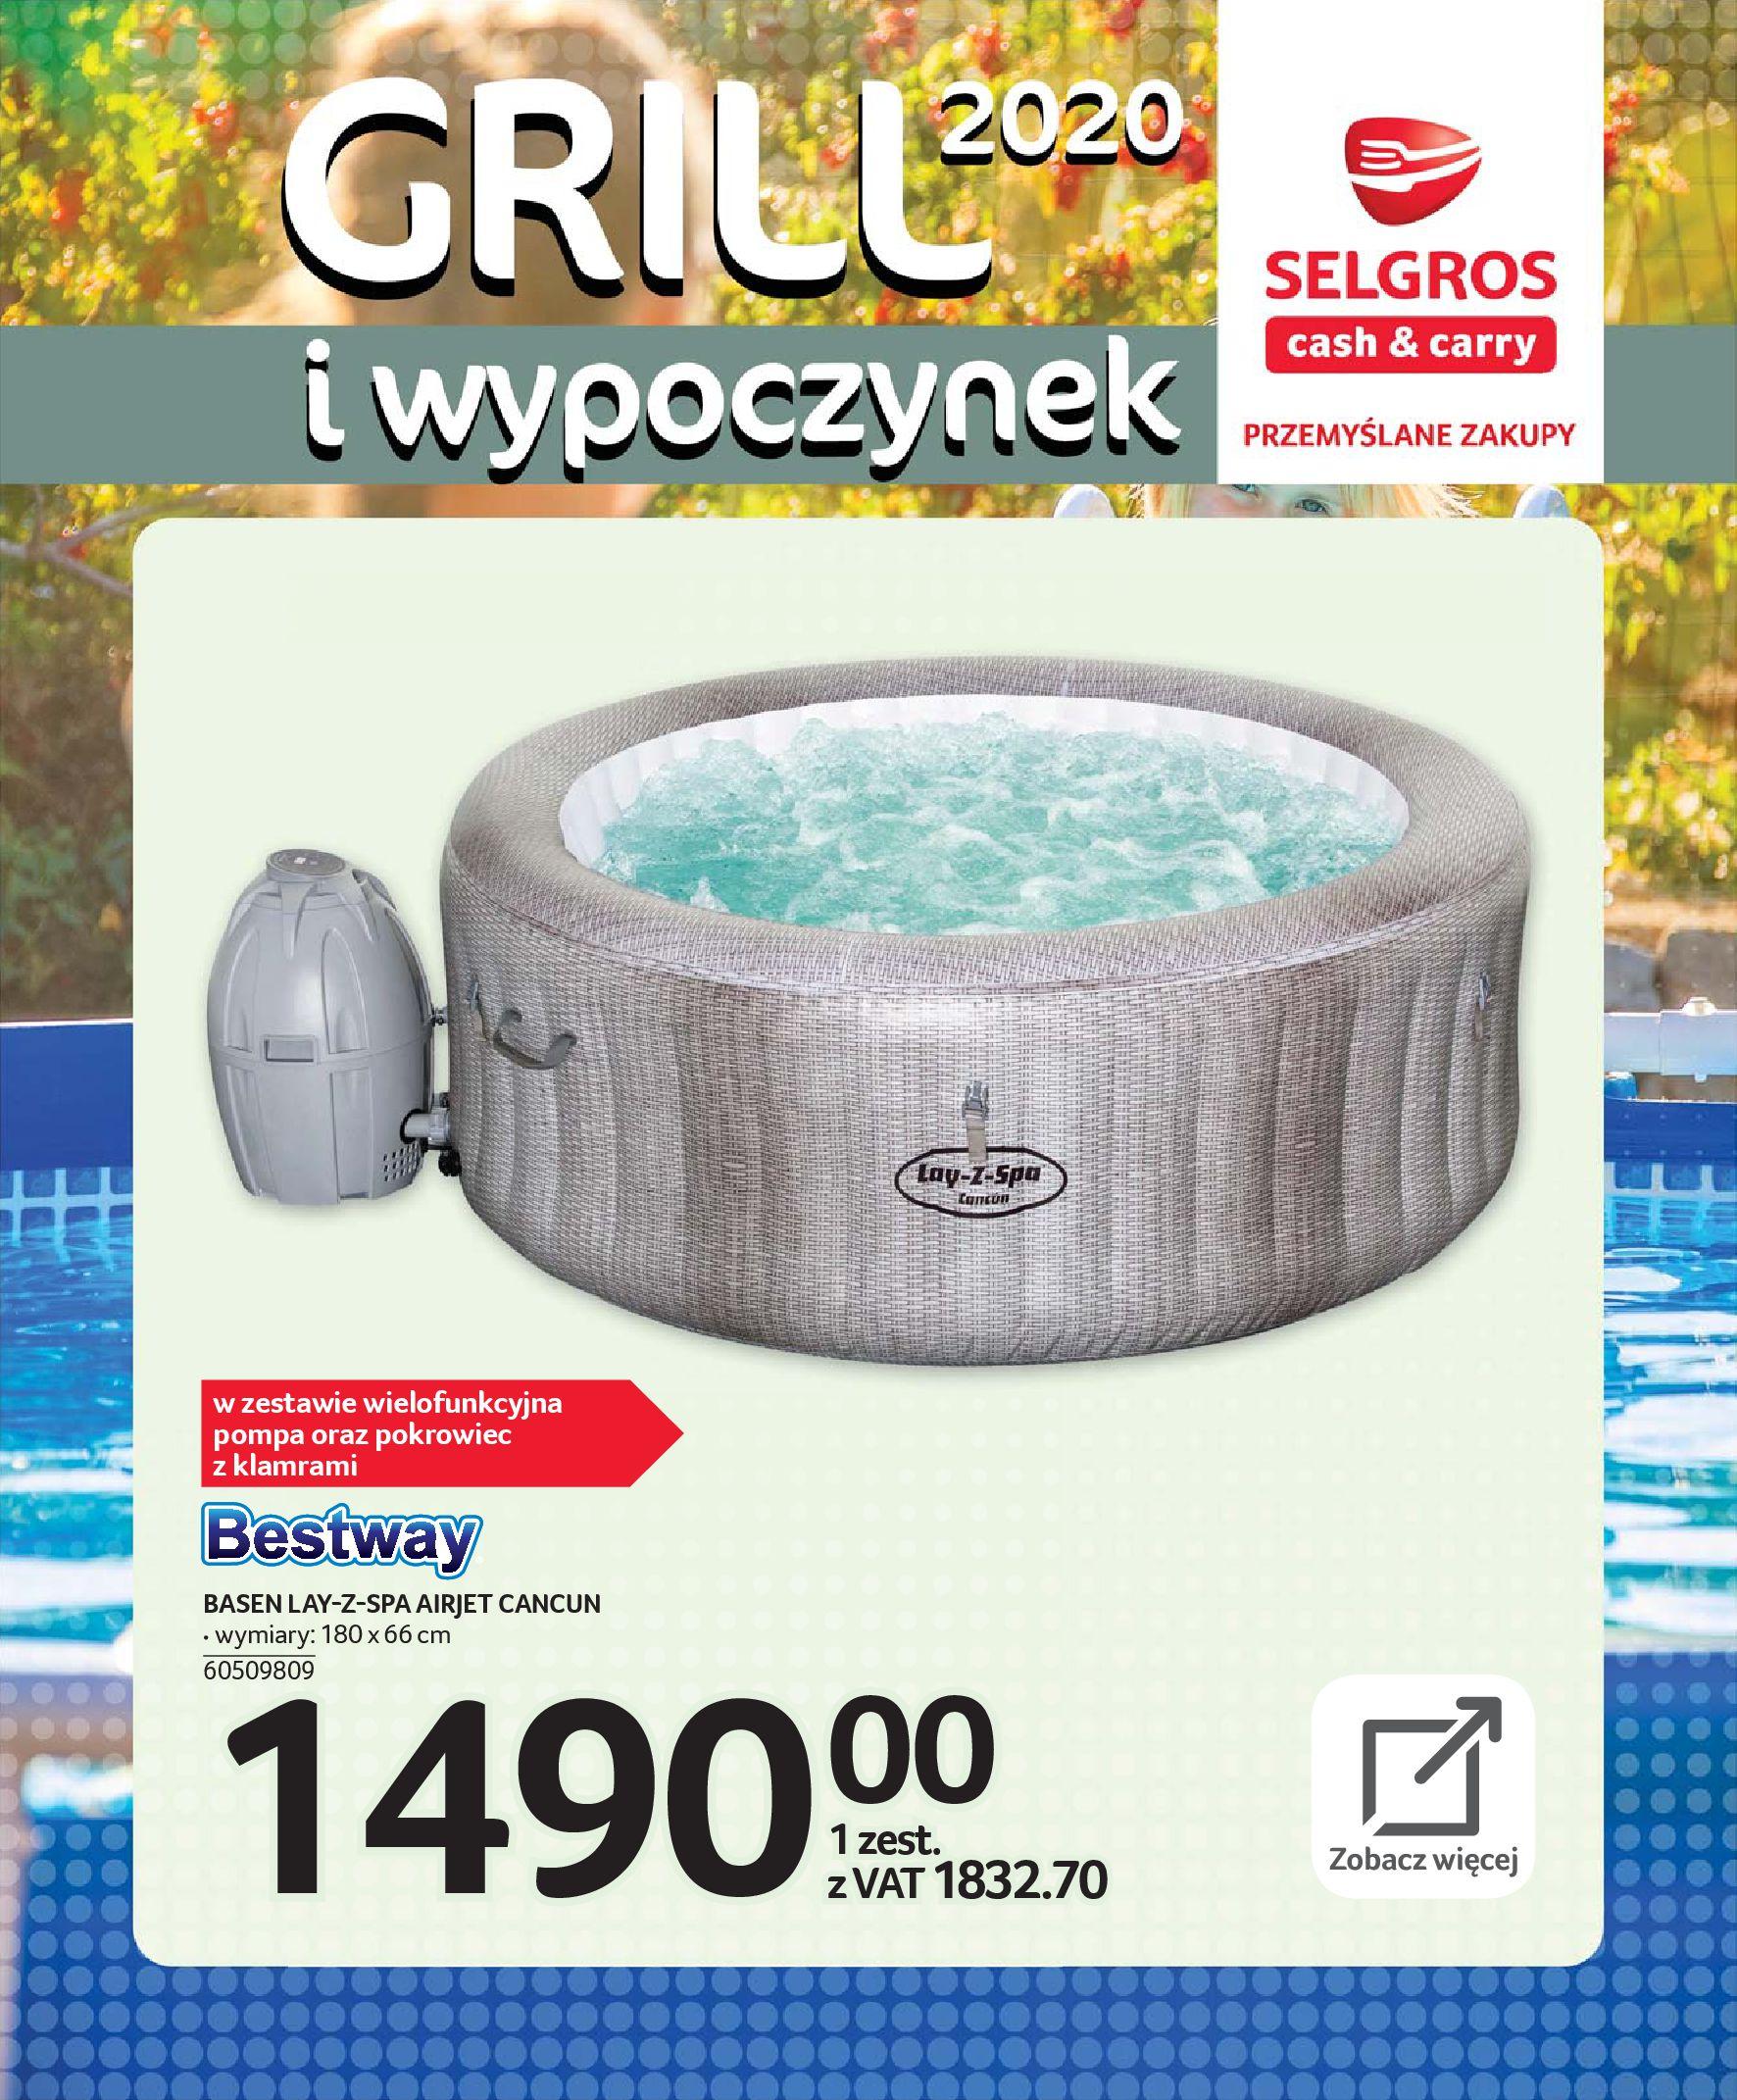 Gazetka Selgros - Katalog - Grill i wypoczynek-31.03.2020-31.08.2020-page-83